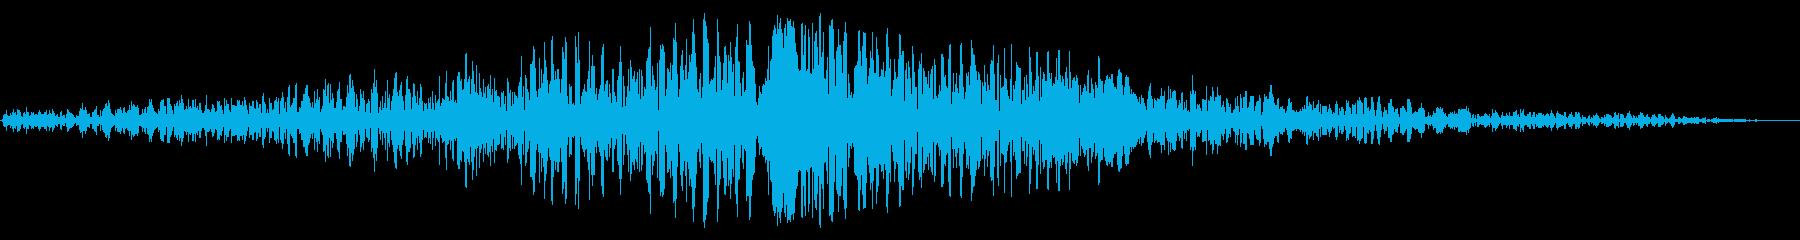 ドーン・・・(不気味な空気の漂う音)の再生済みの波形